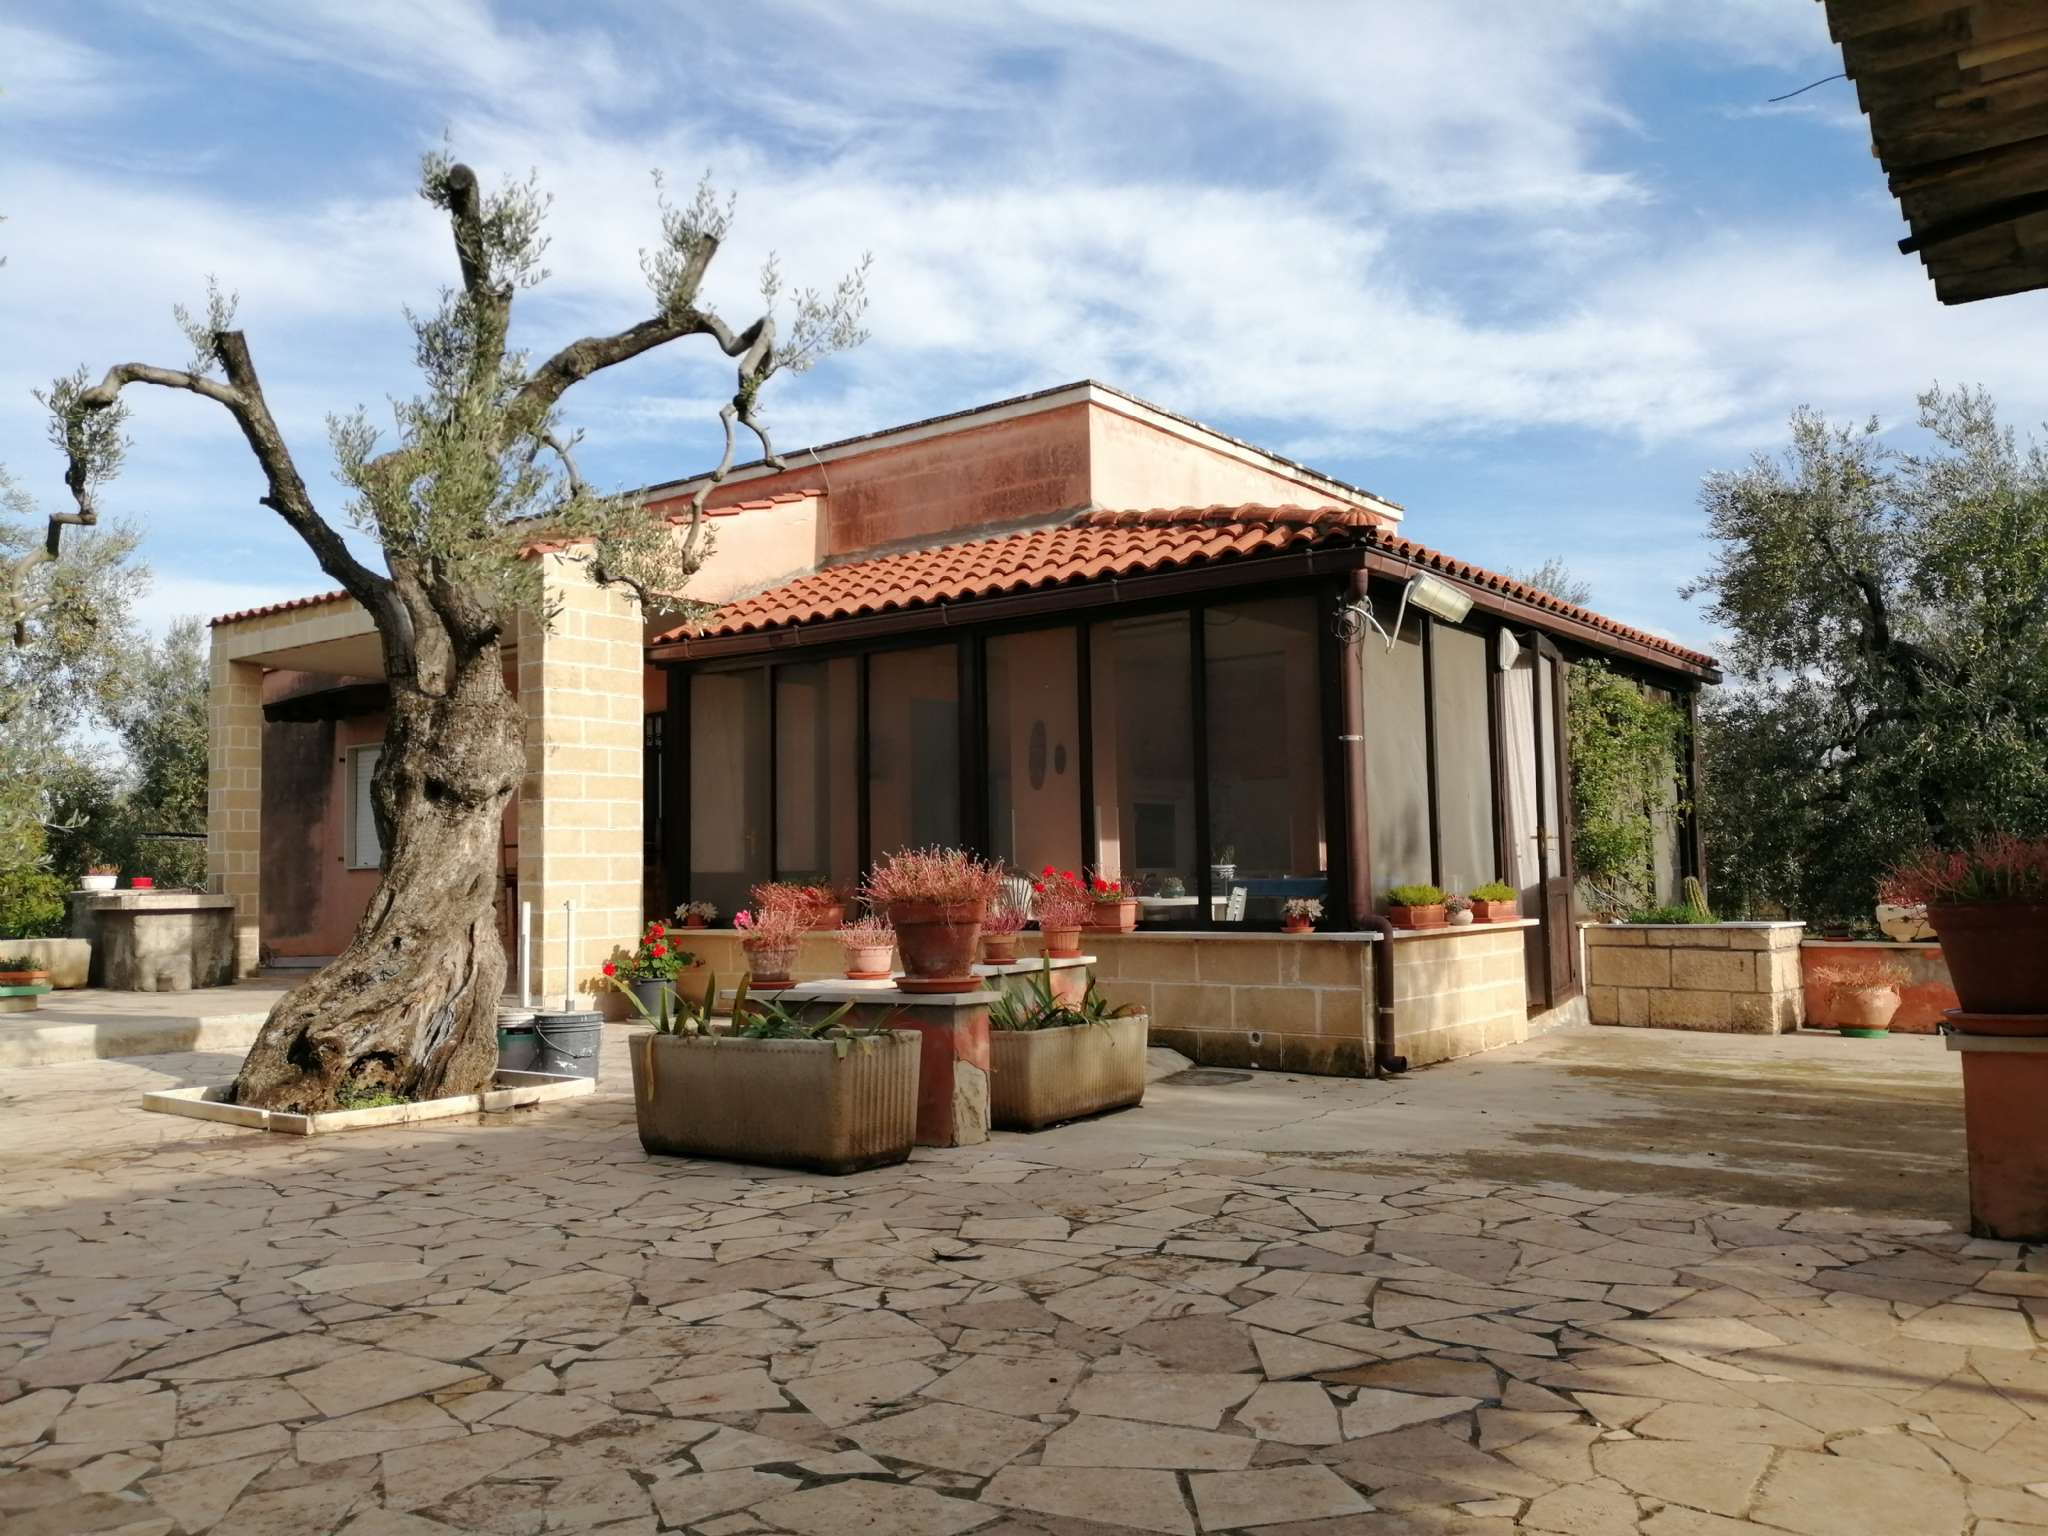 Appartamento in vendita a Bisceglie, 2 locali, prezzo € 110.000 | CambioCasa.it